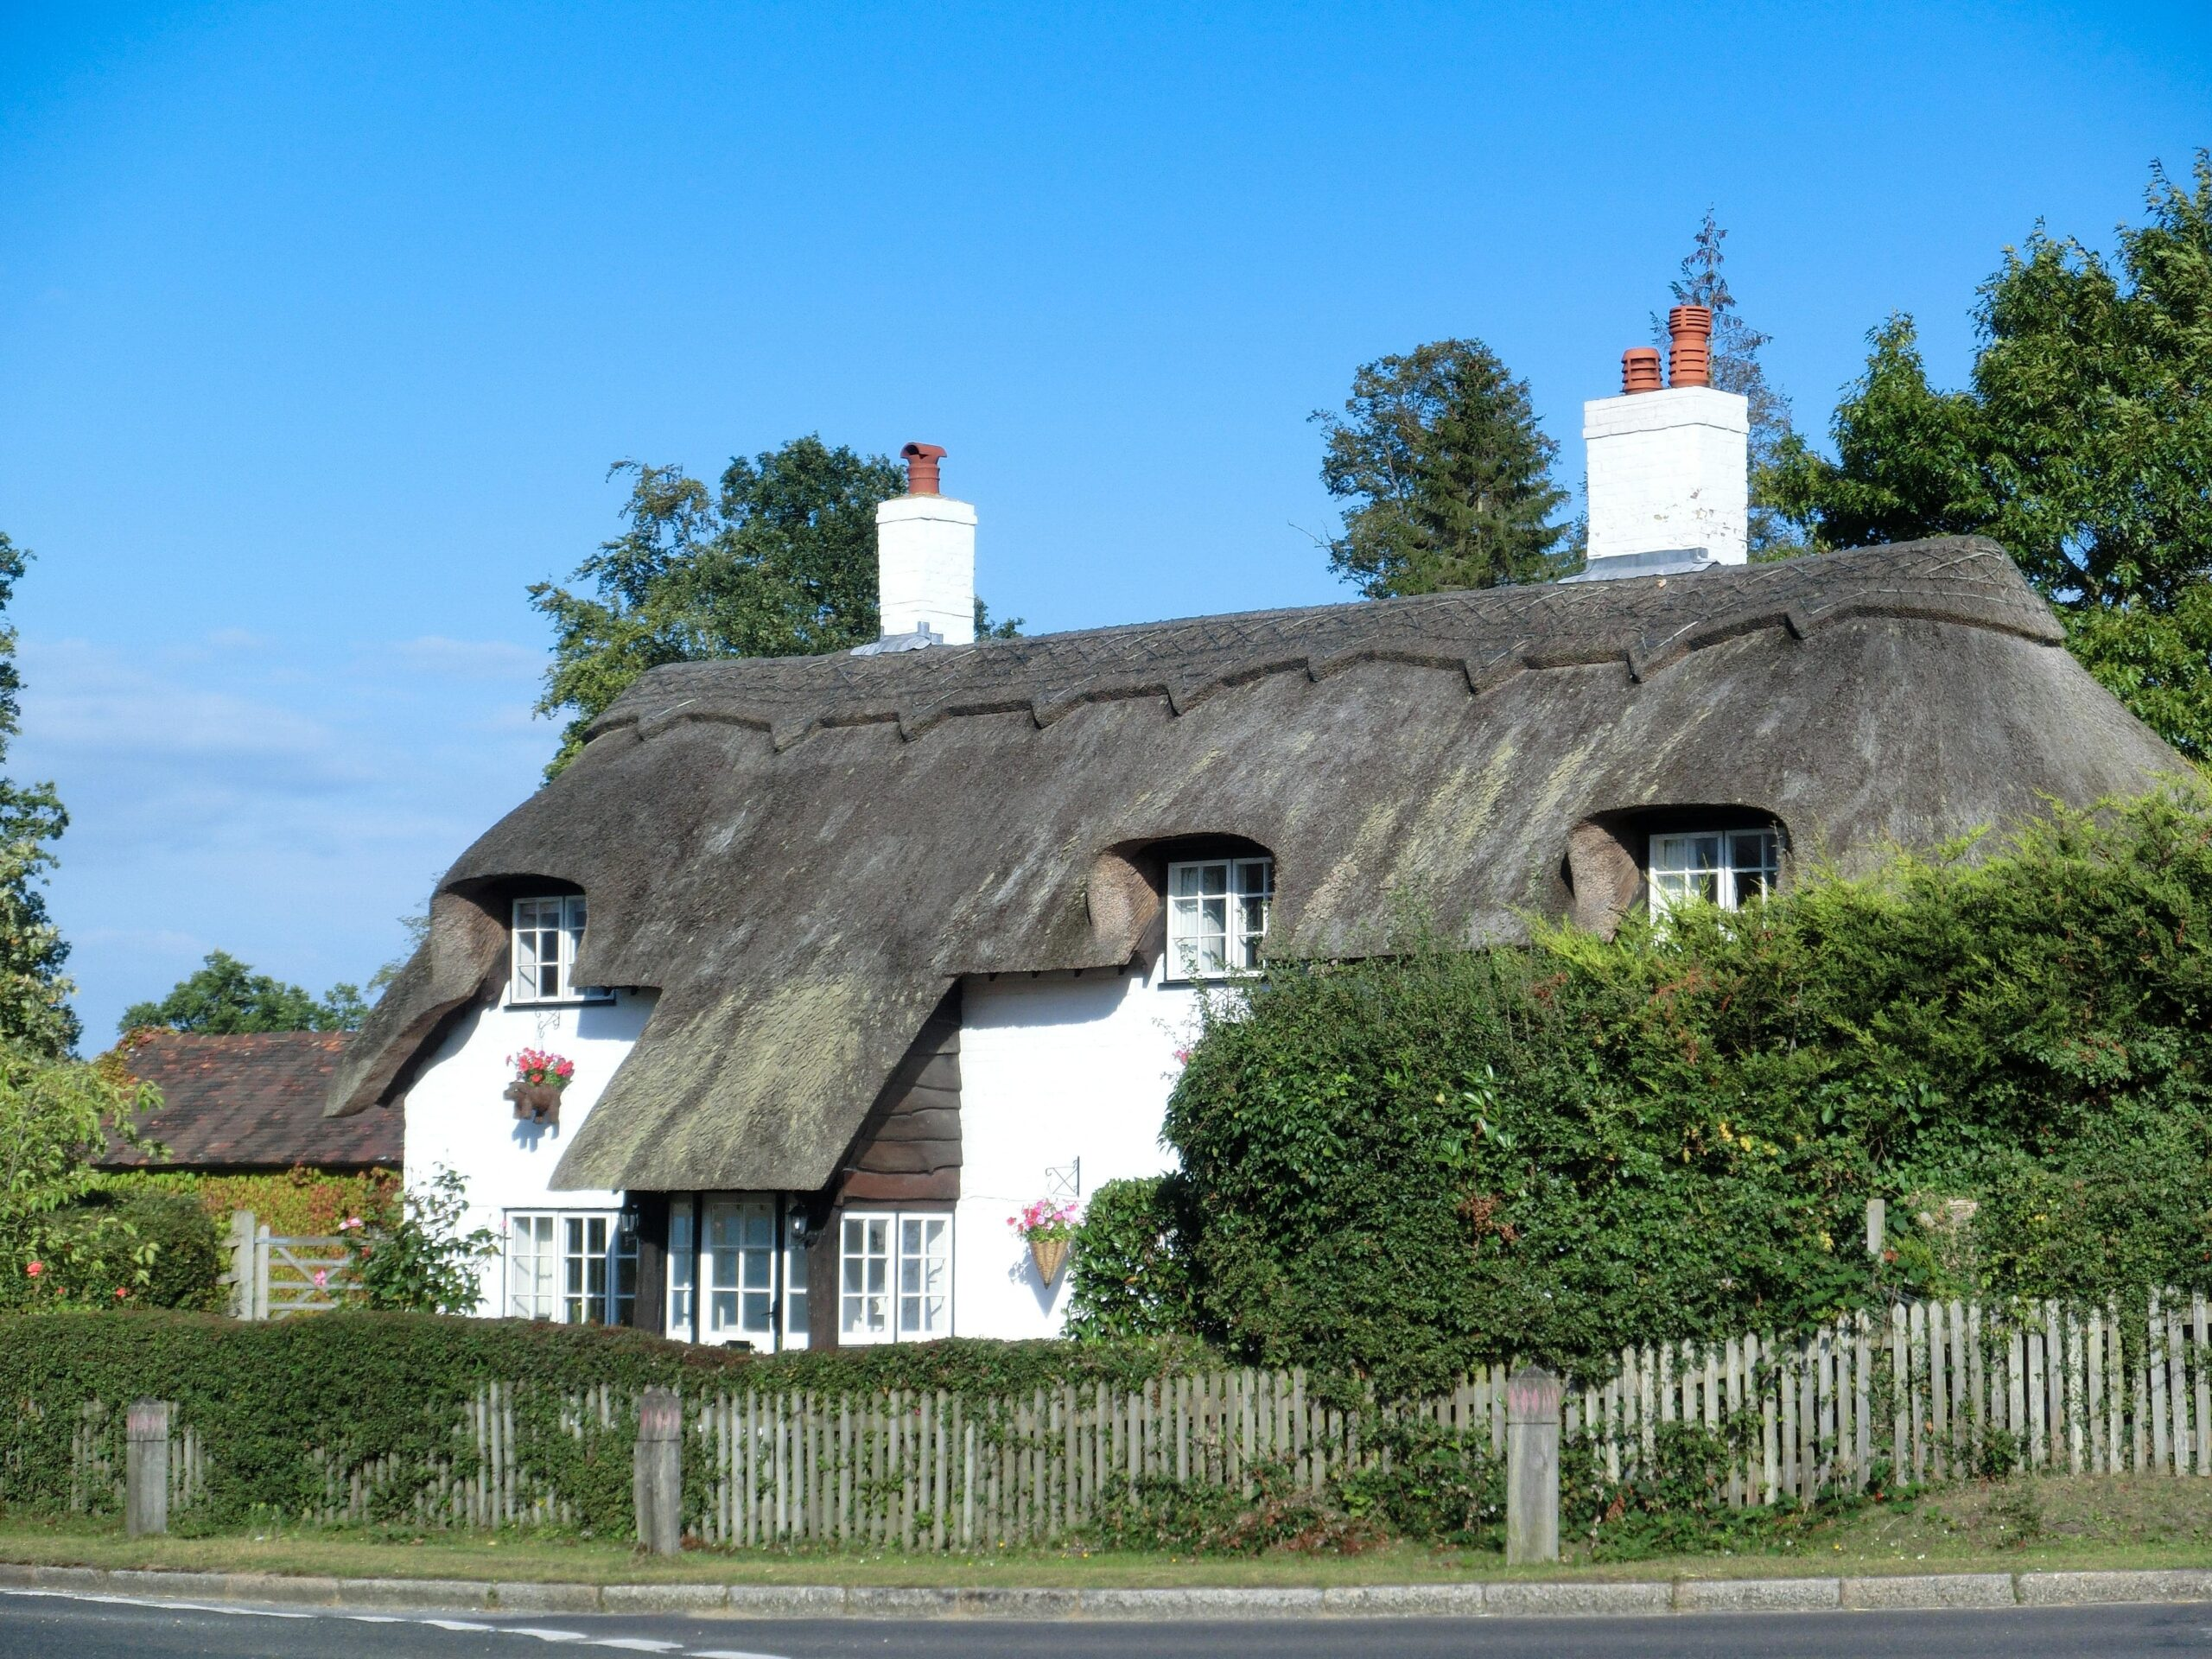 maison typique de la campagne anglaise